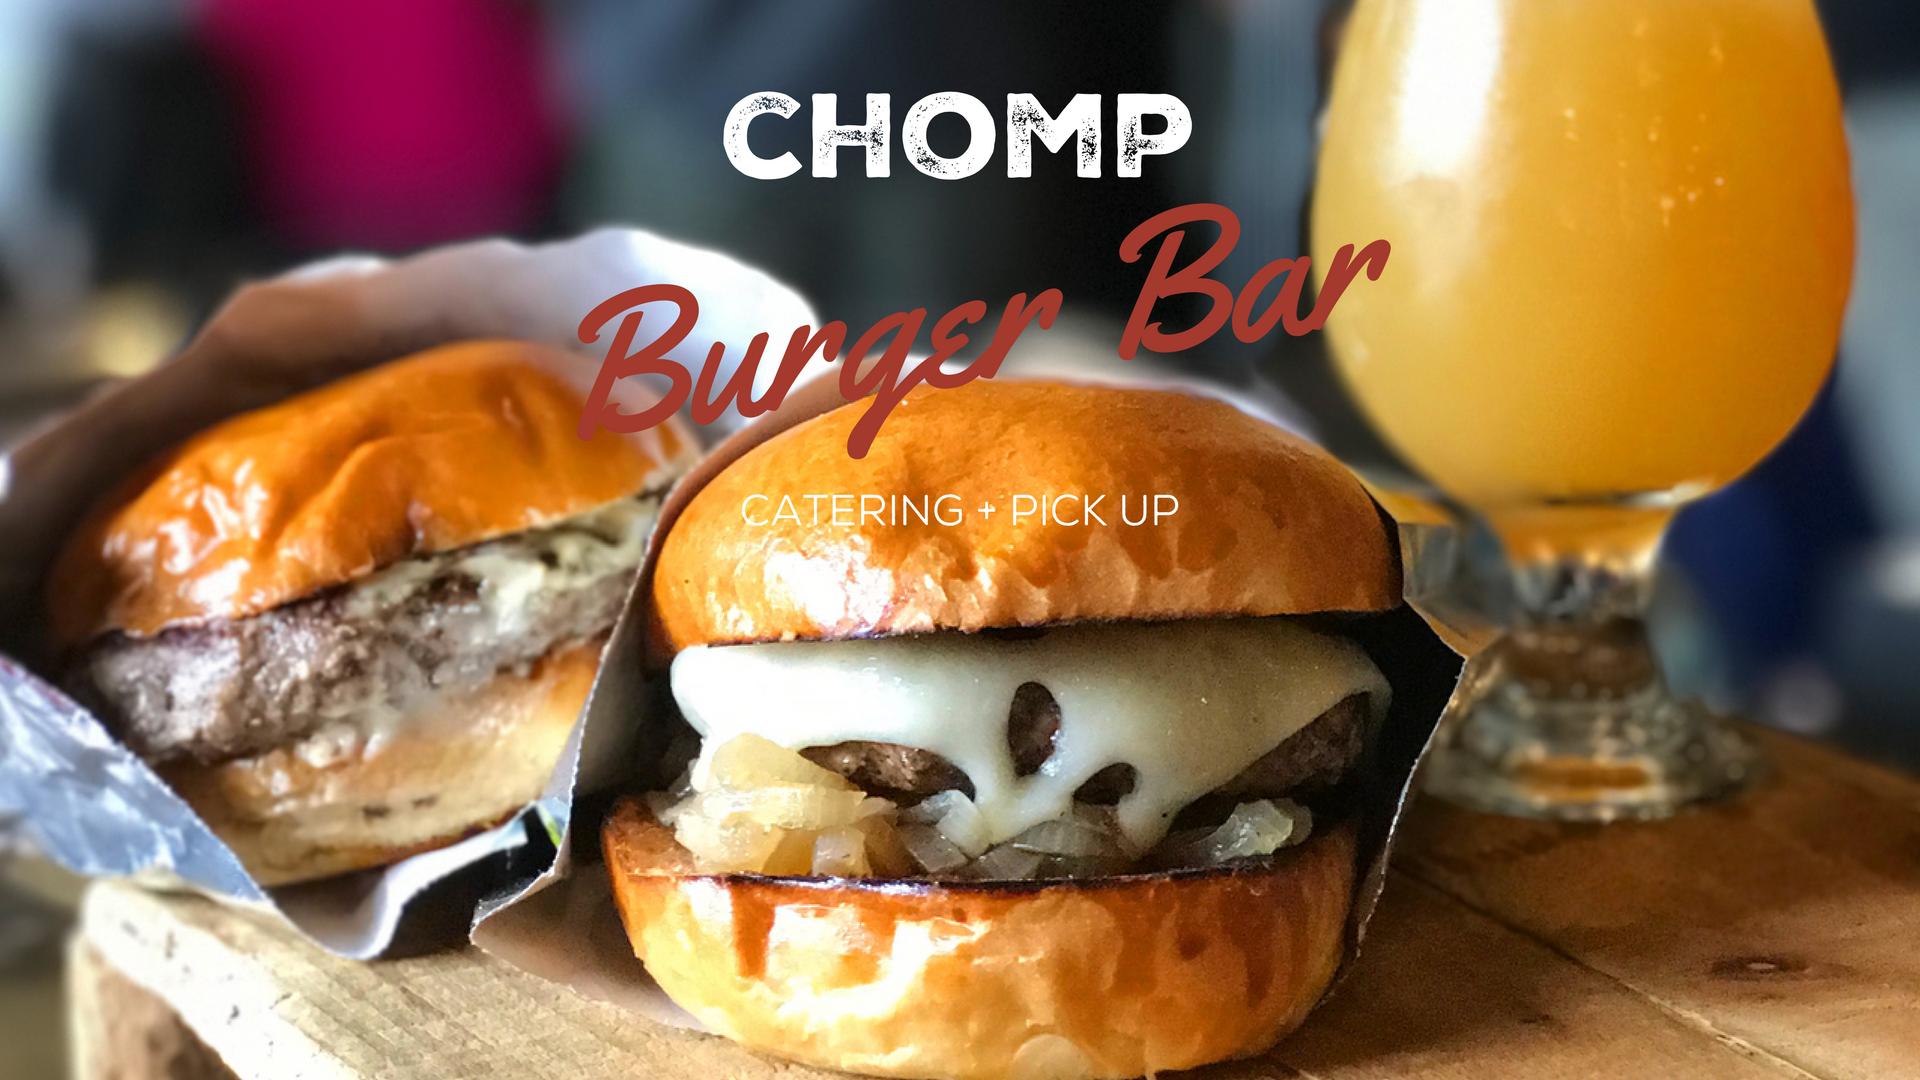 Copy of chomp burger bar (1).png